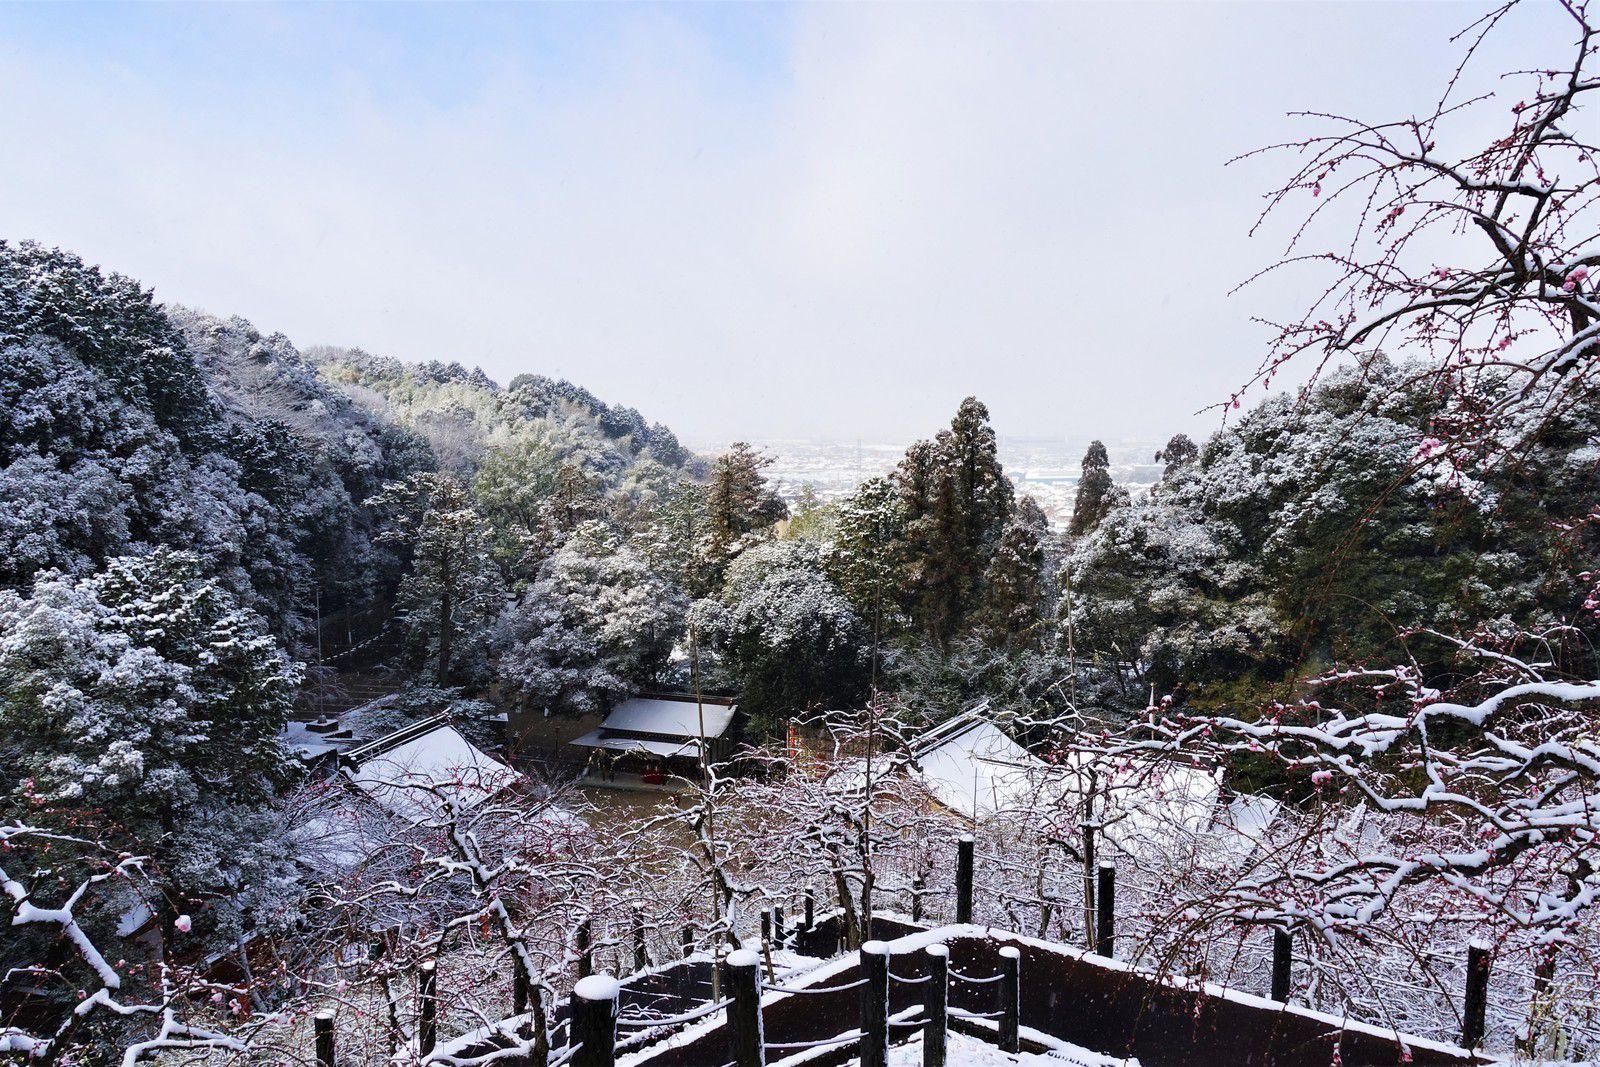 Les abricotiers du Japon - 2021